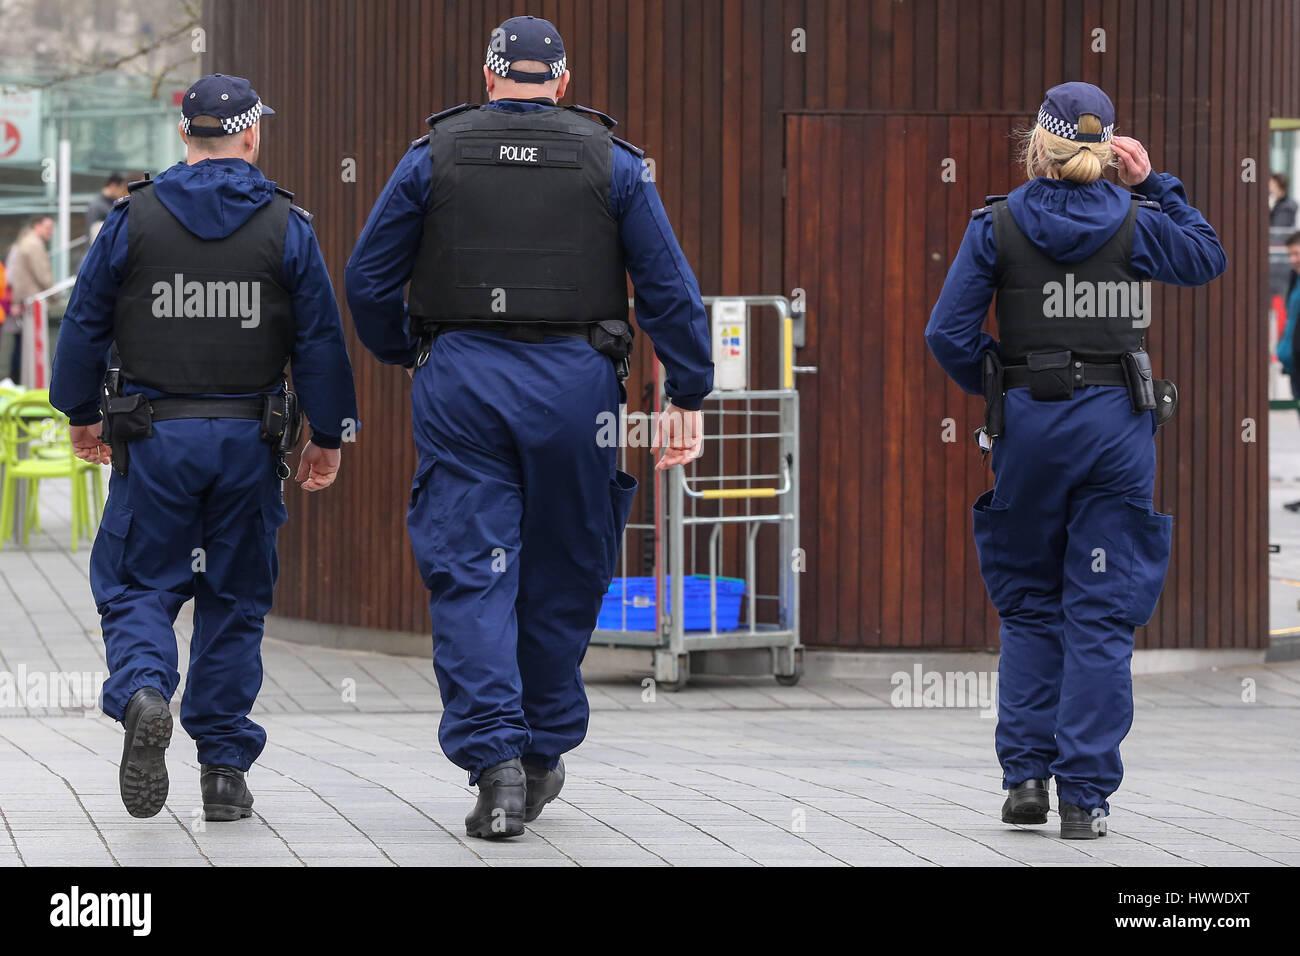 Westminster, London, UK 23 Mar 2017- Policías alrededor del Ojo de Londres. Scotland Yard dijo el 23 de marzo de 2017 que la policía ha realizado siete arrestos en redadas realizadas durante la noche en Birmingham, Londres y otras ciudades en el país tras el ataque terrorista en el Palacio de Westminster y el puente de Westminster, el 22 de marzo de 2017, dejando un saldo de cuatro muertos, incluido el atacante, y 29 personas resultaron heridas. Crédito: Dinendra Haria/Alamy Live News Foto de stock